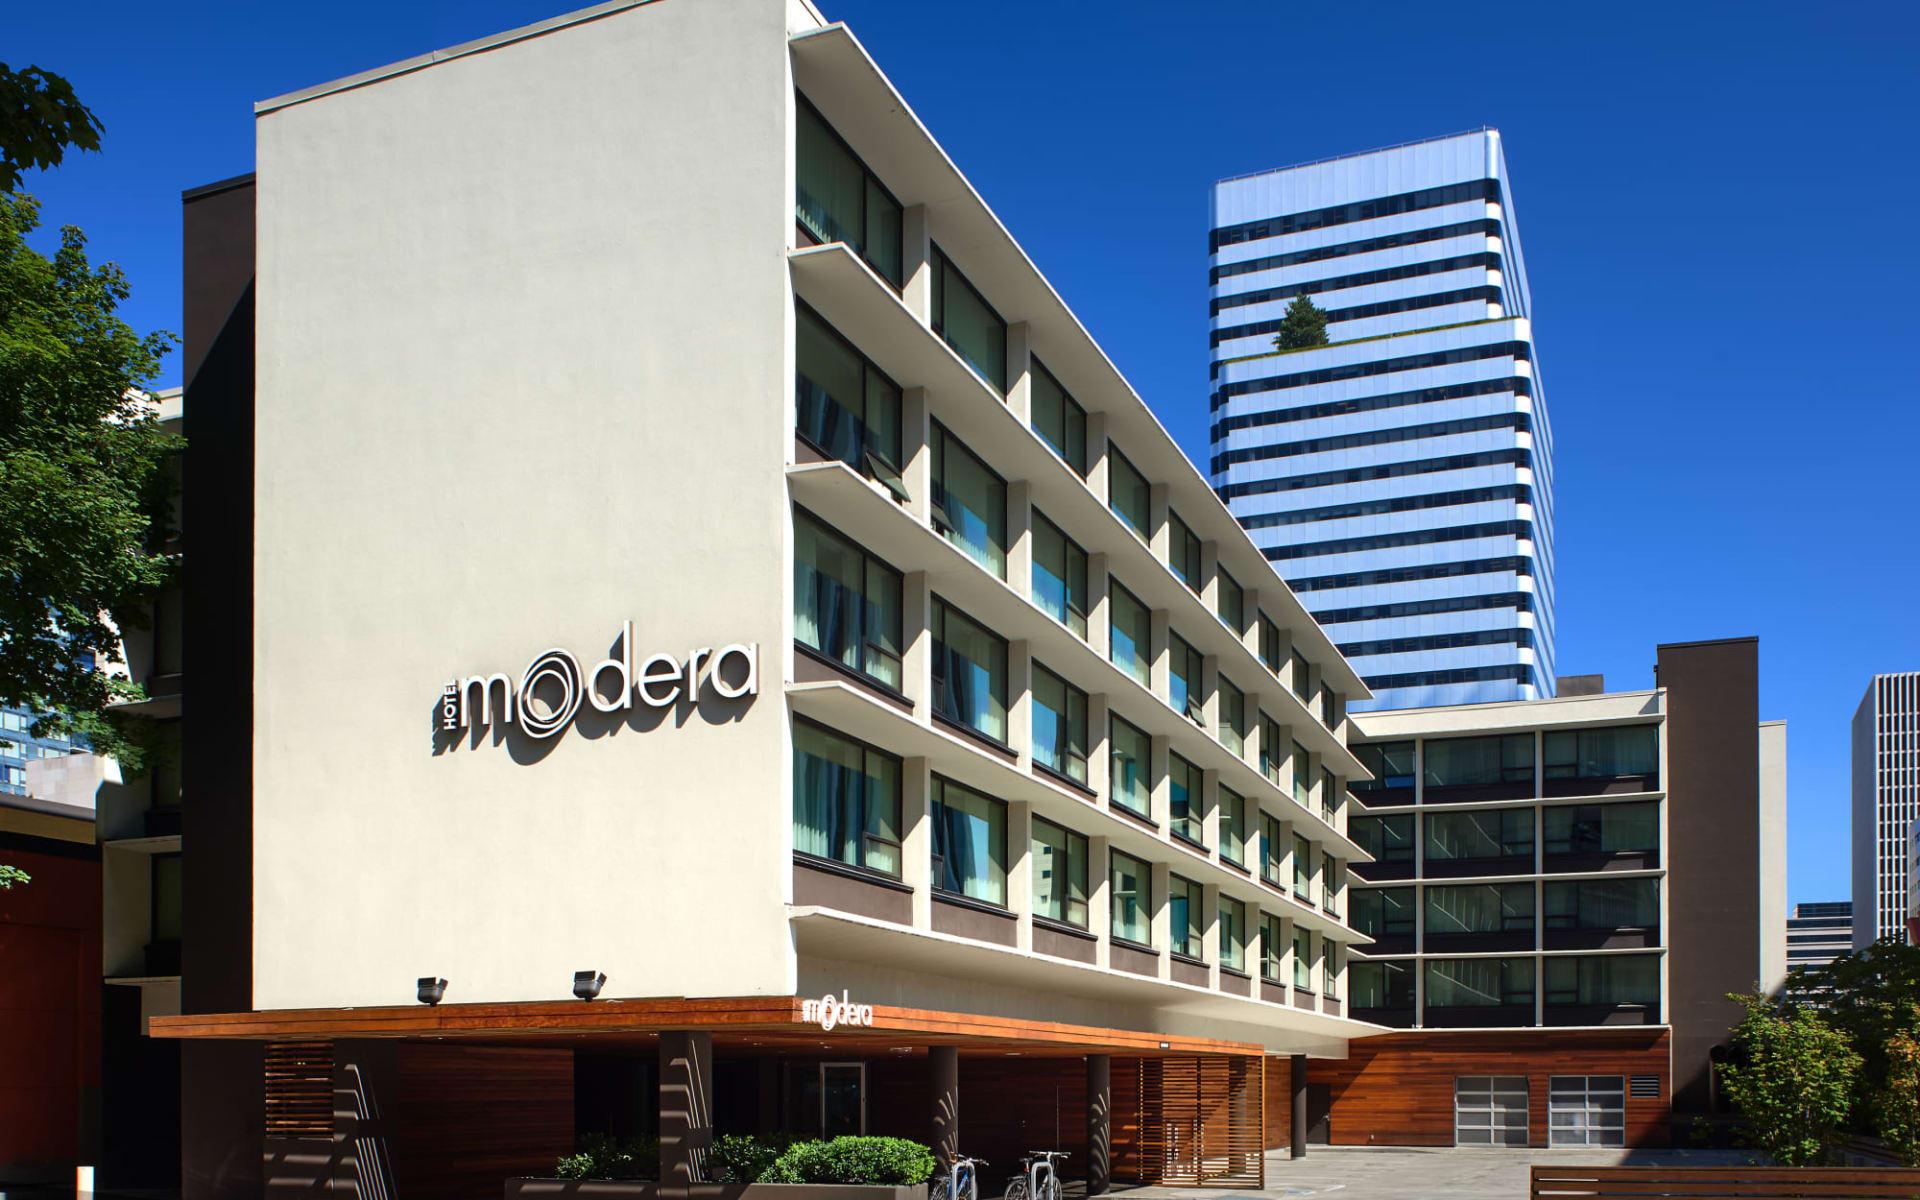 The Hotel Zags in Portland:  Hotel Modera_Aussenansicht_ATI